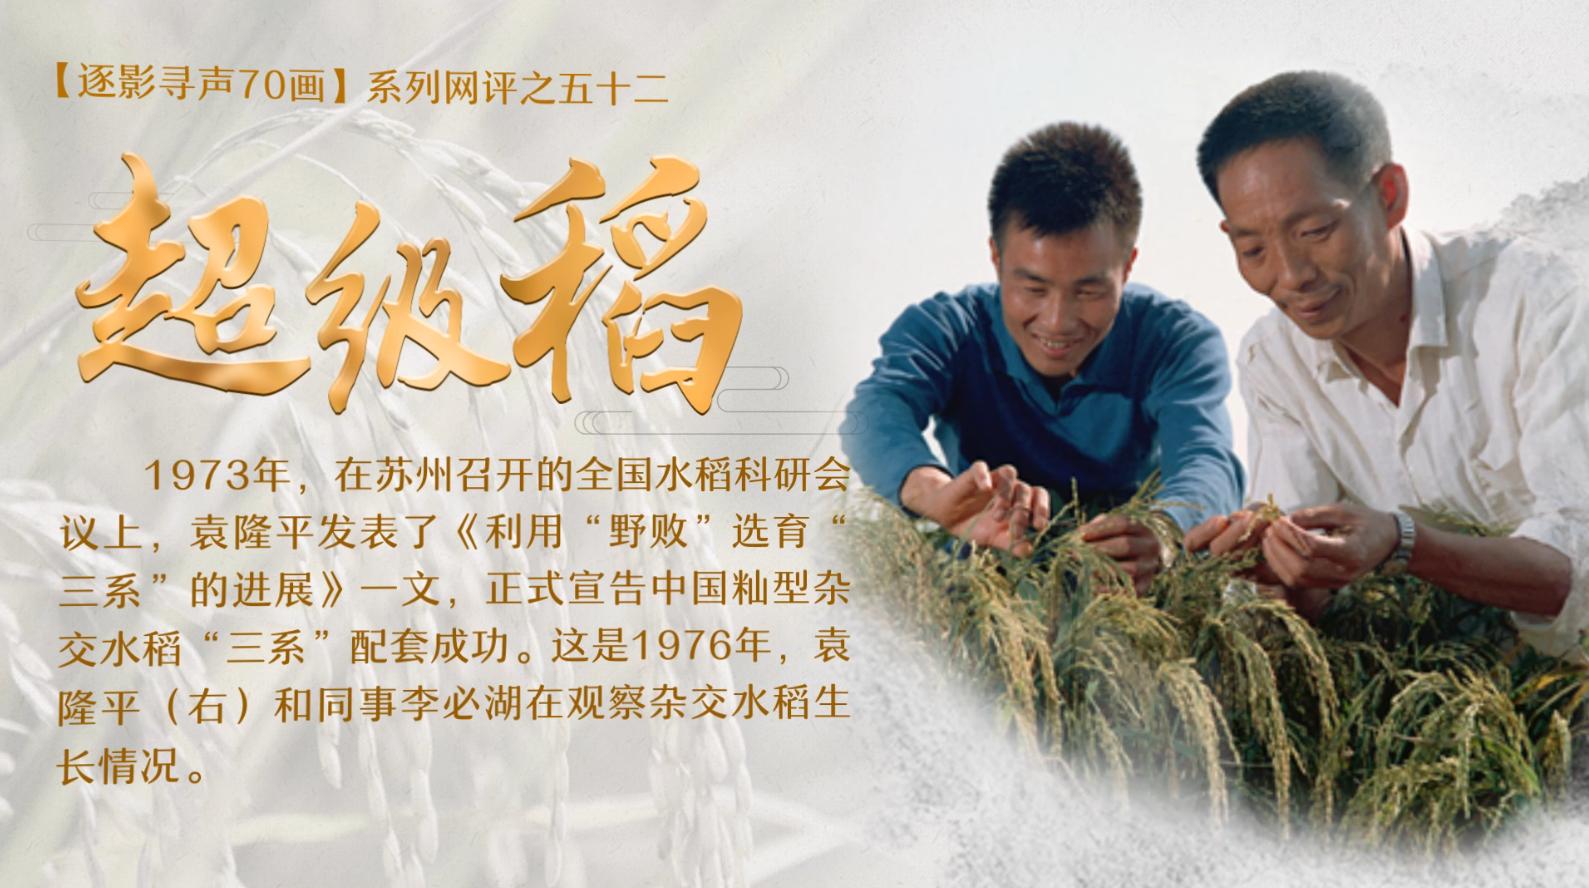 【逐影寻声70画】超级稻